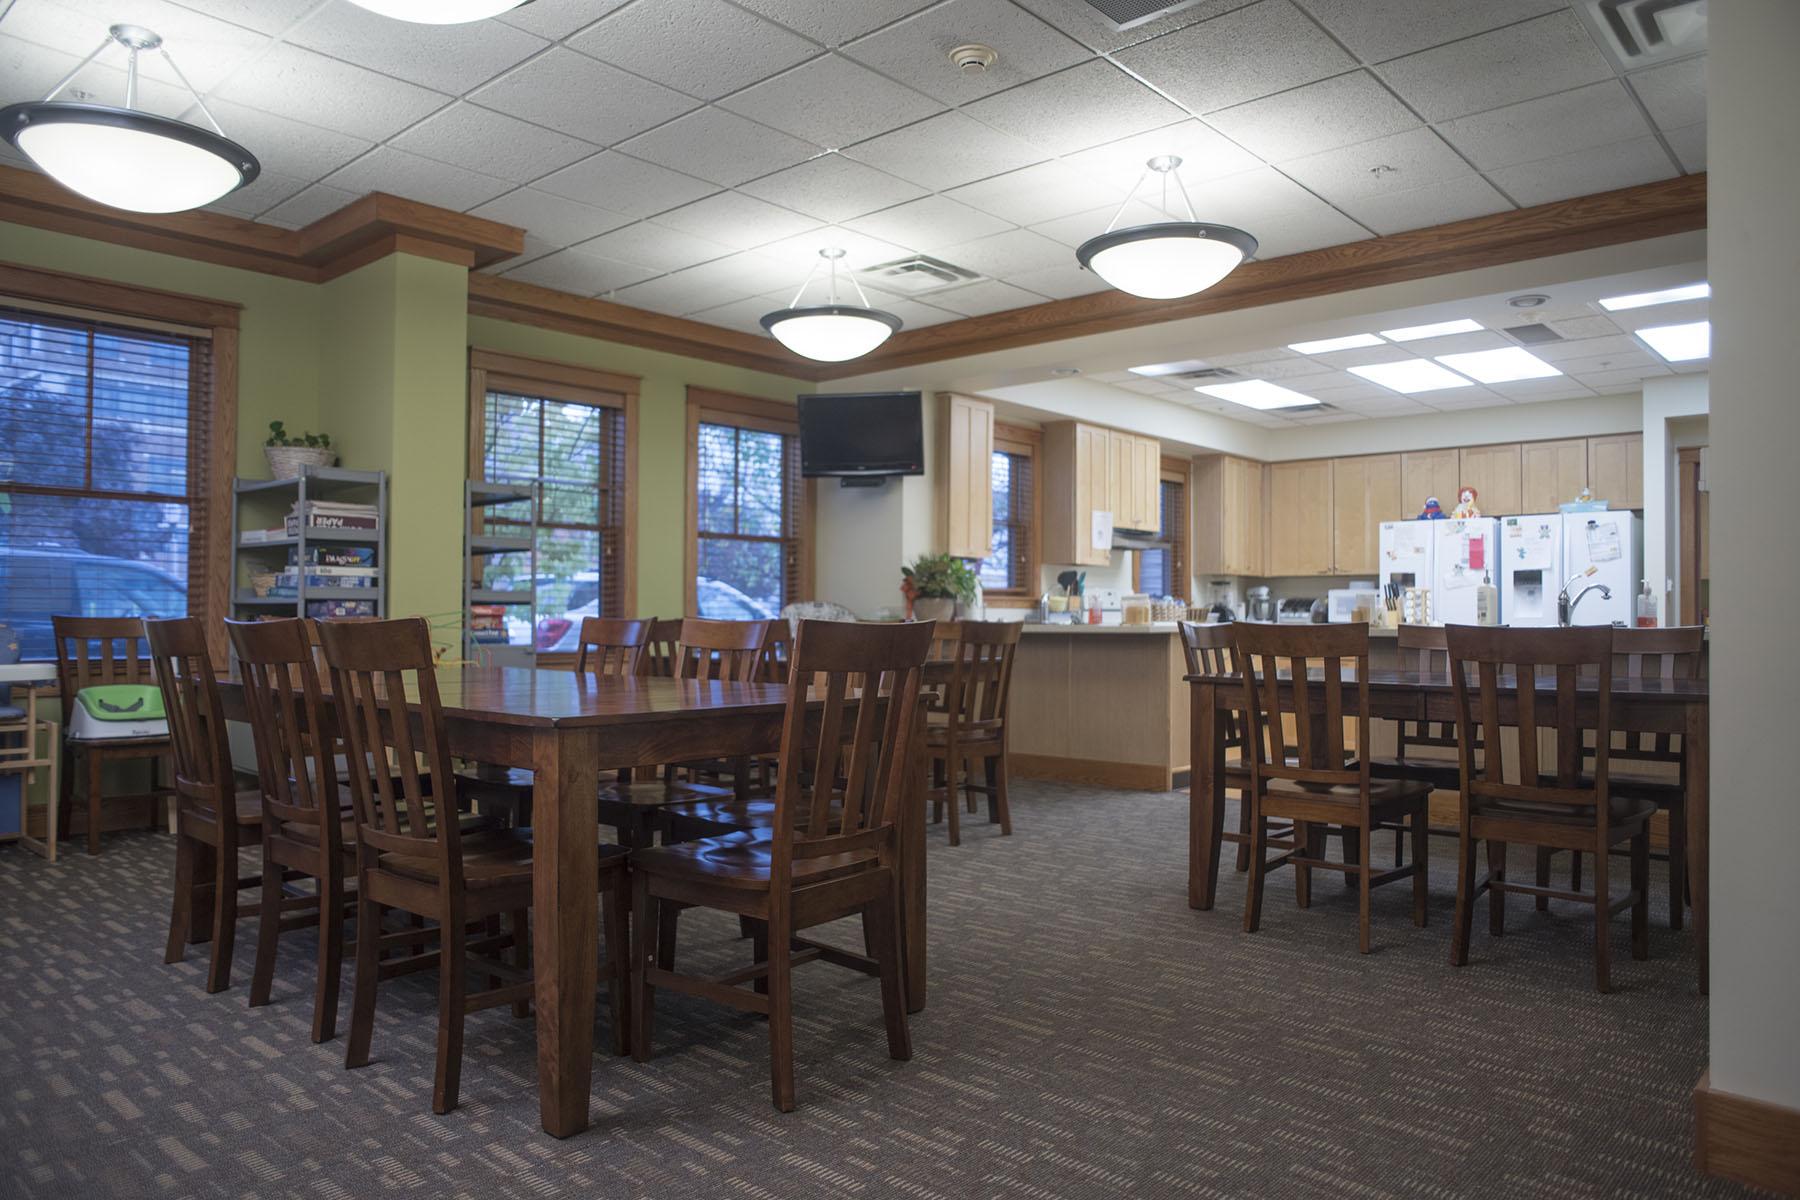 Dining area near kitchen